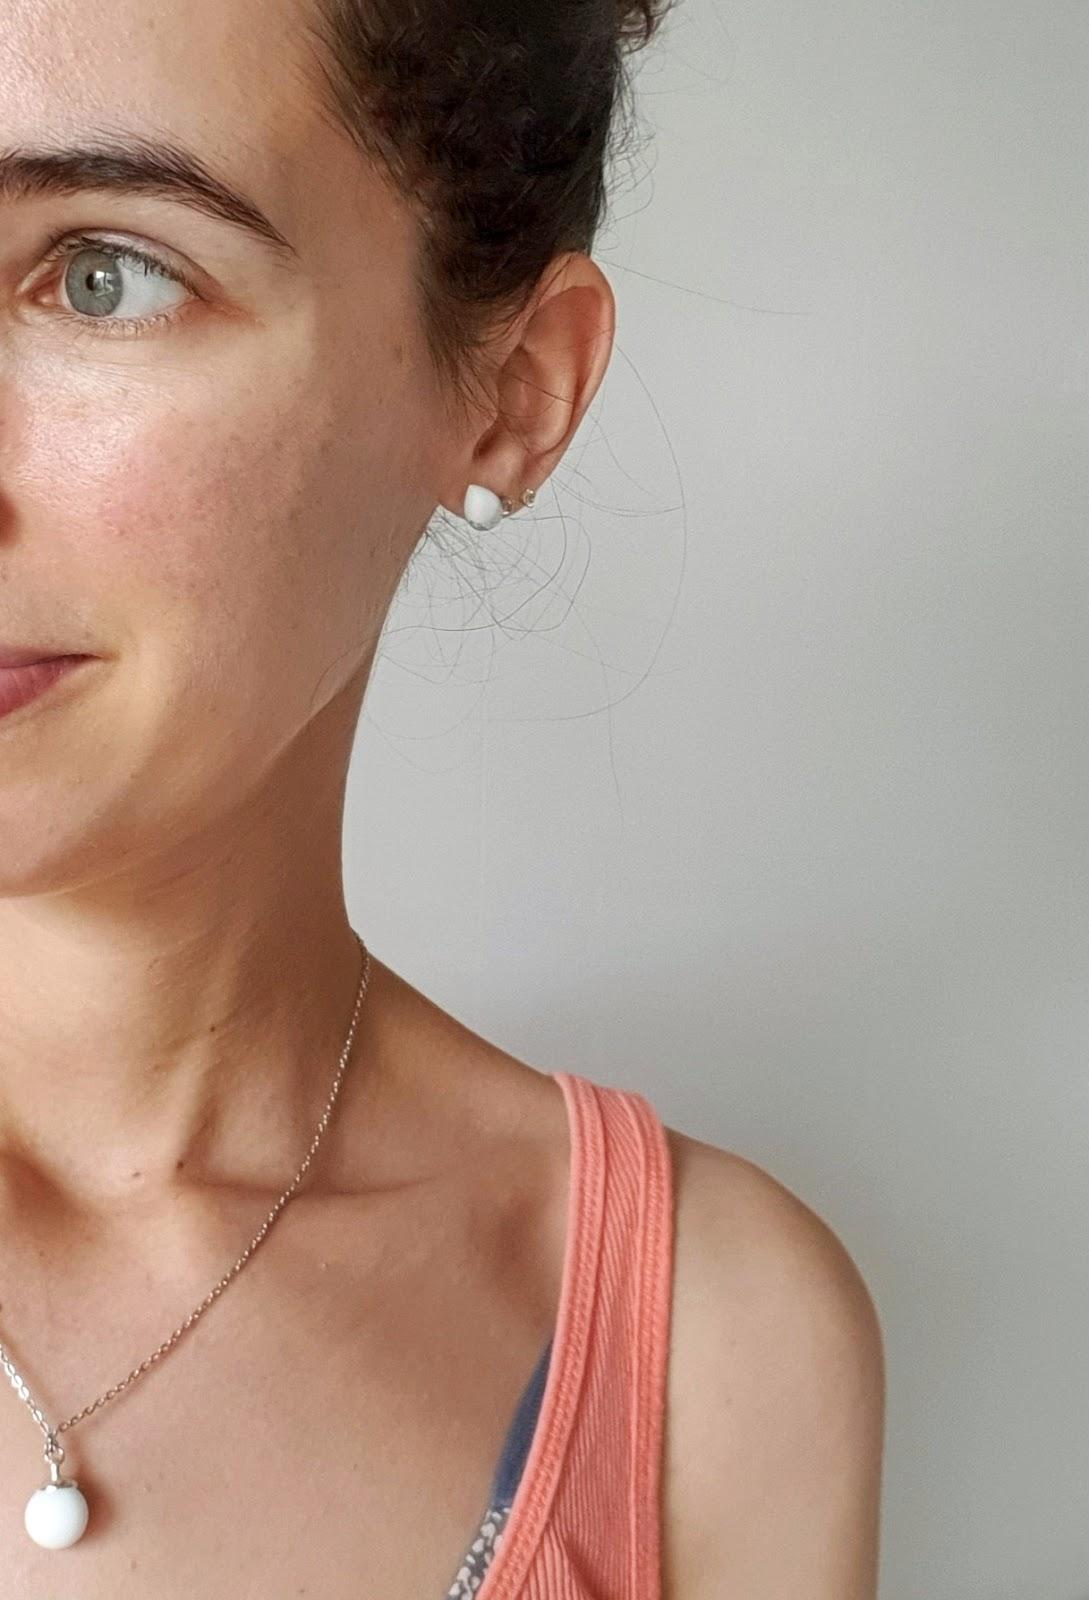 collier et boucles d'oreille lactés, réalisés avec du lait maternel